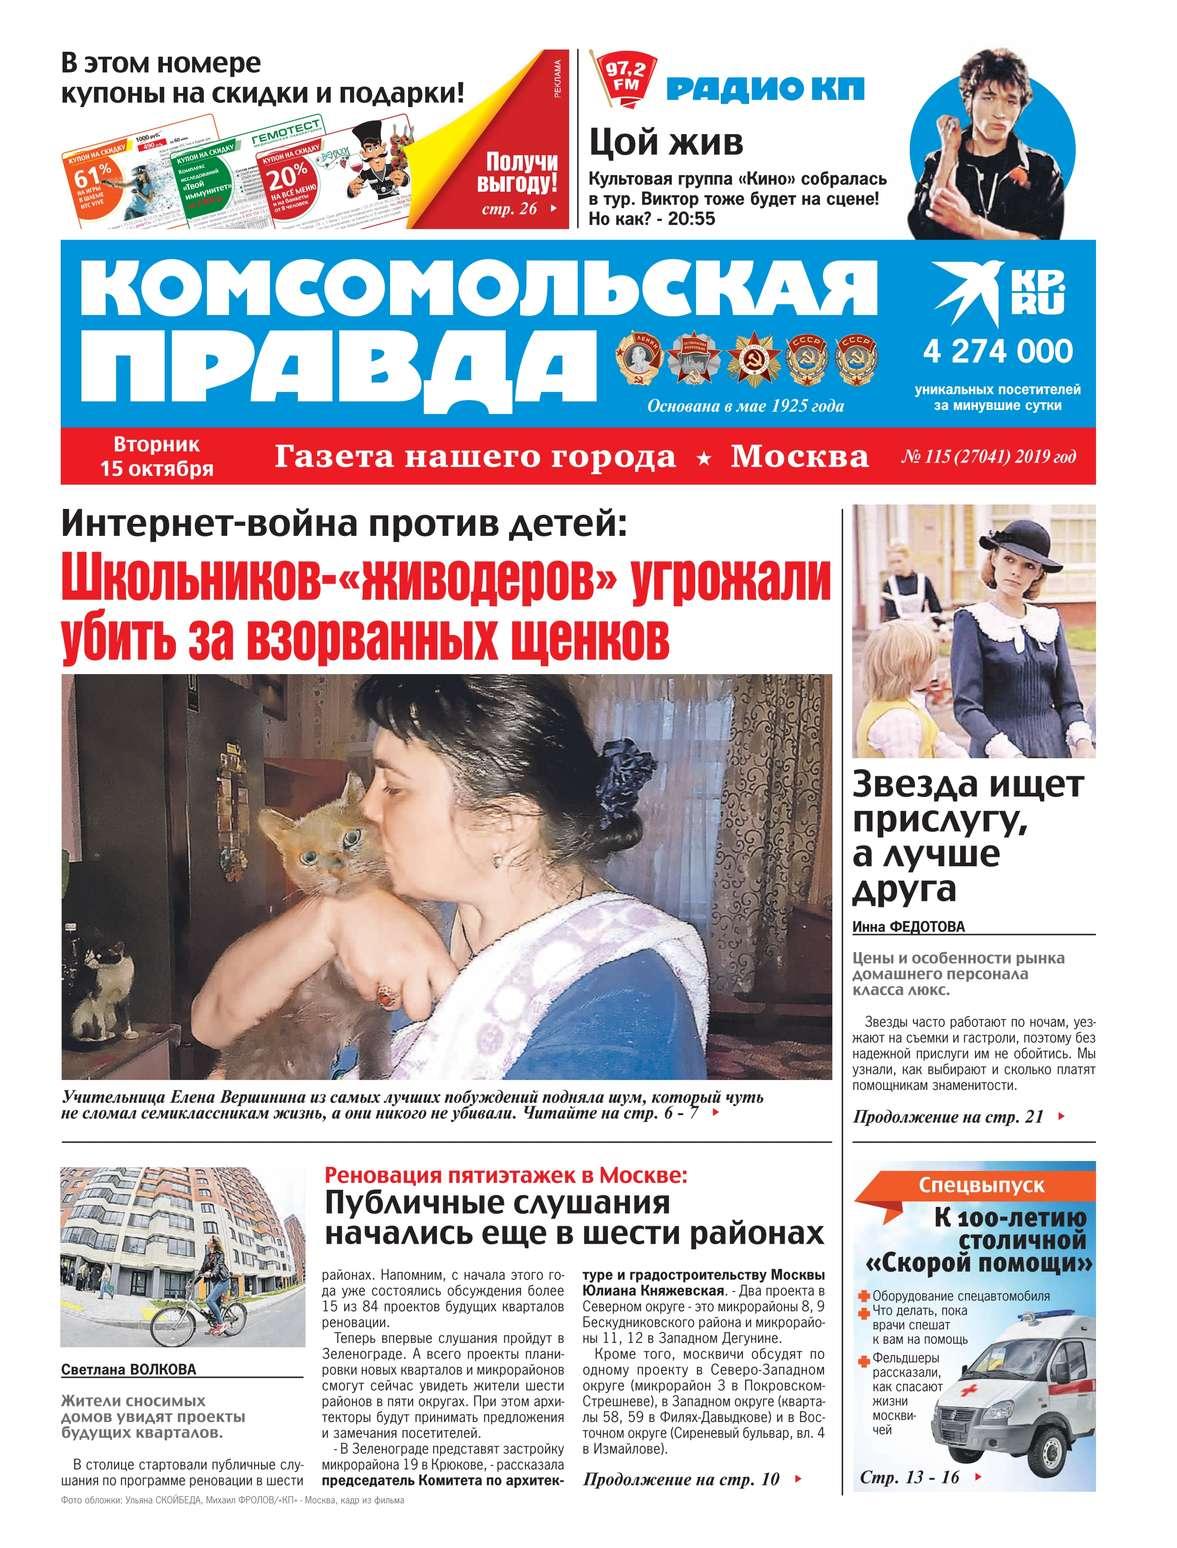 Комсомольская Правда. Москва 115-2019